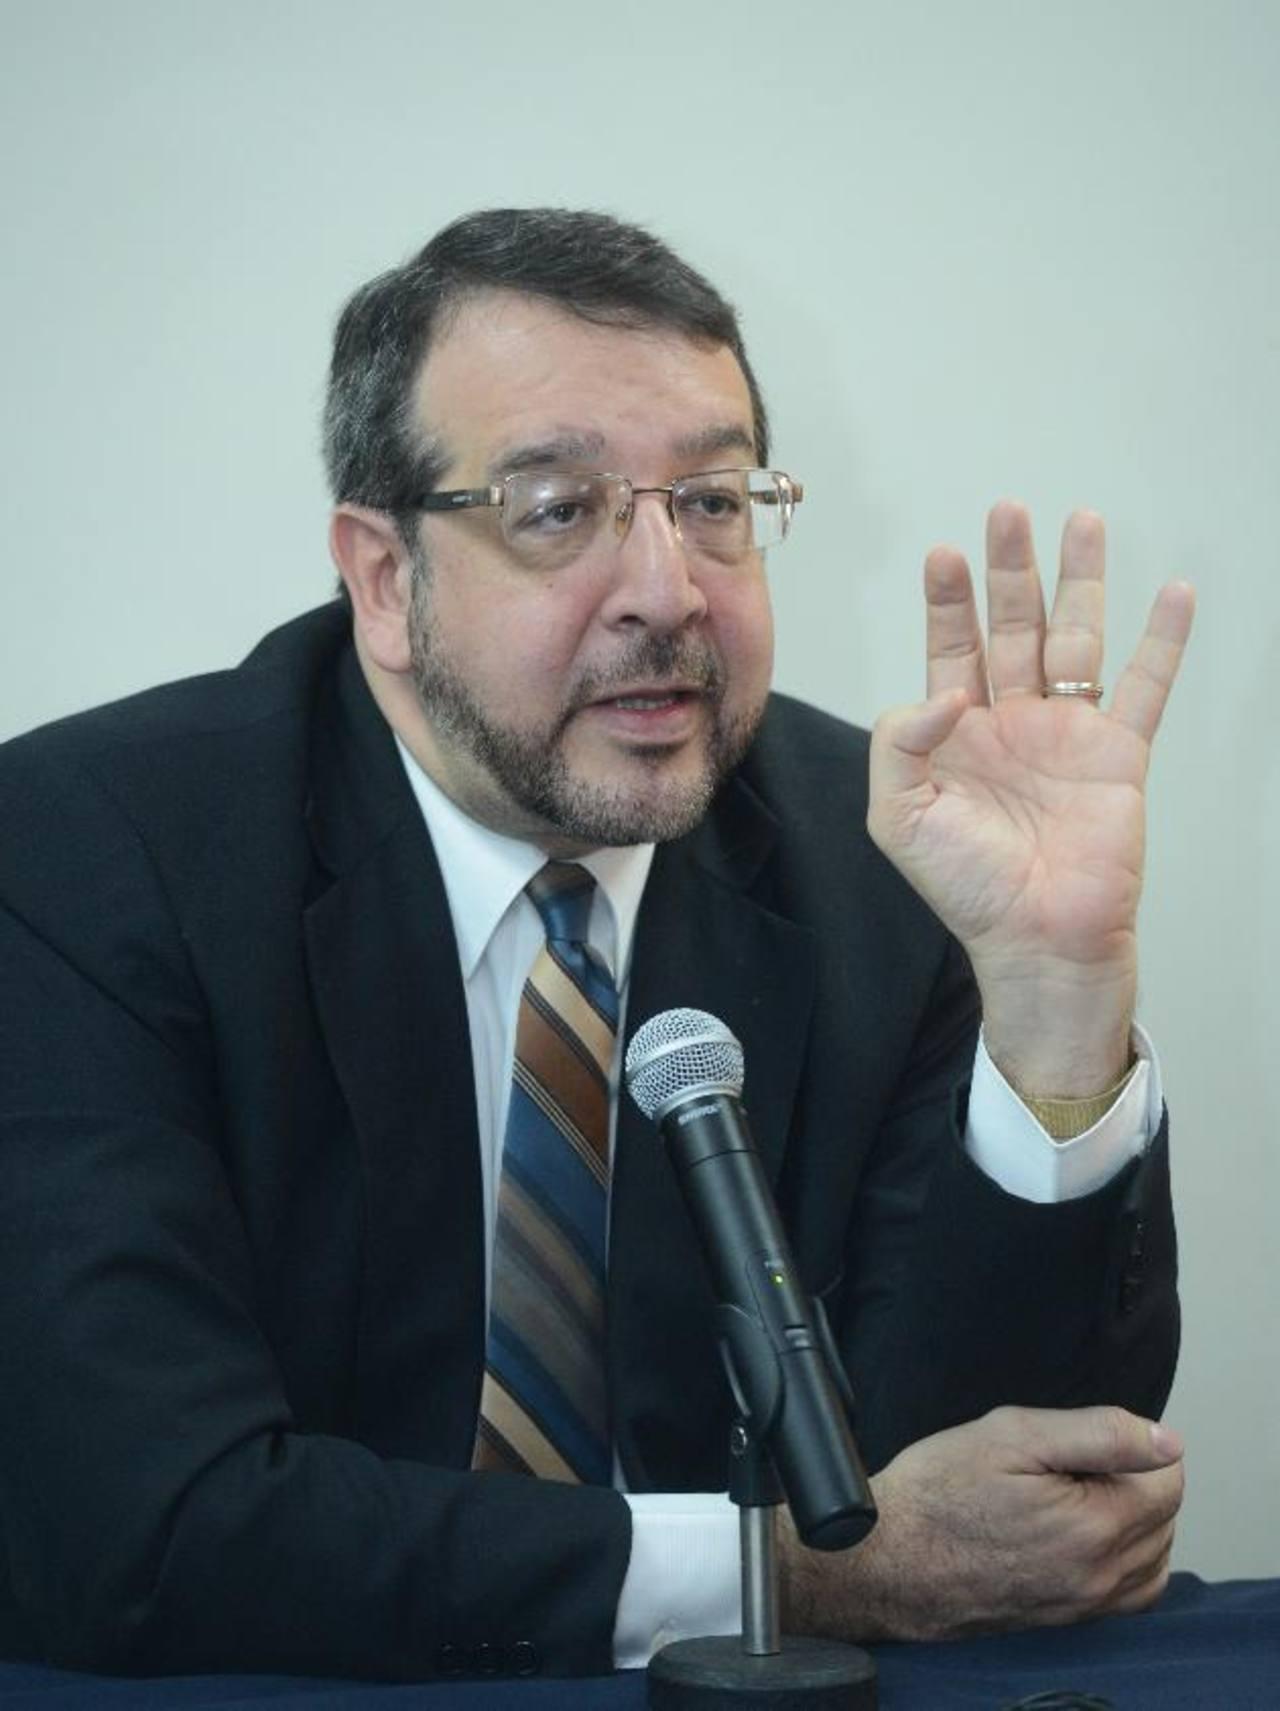 El director de Medicina Legal, José Miguel Fortín, sostiene que los homicidios de mujeres impactan más a la sociedad.